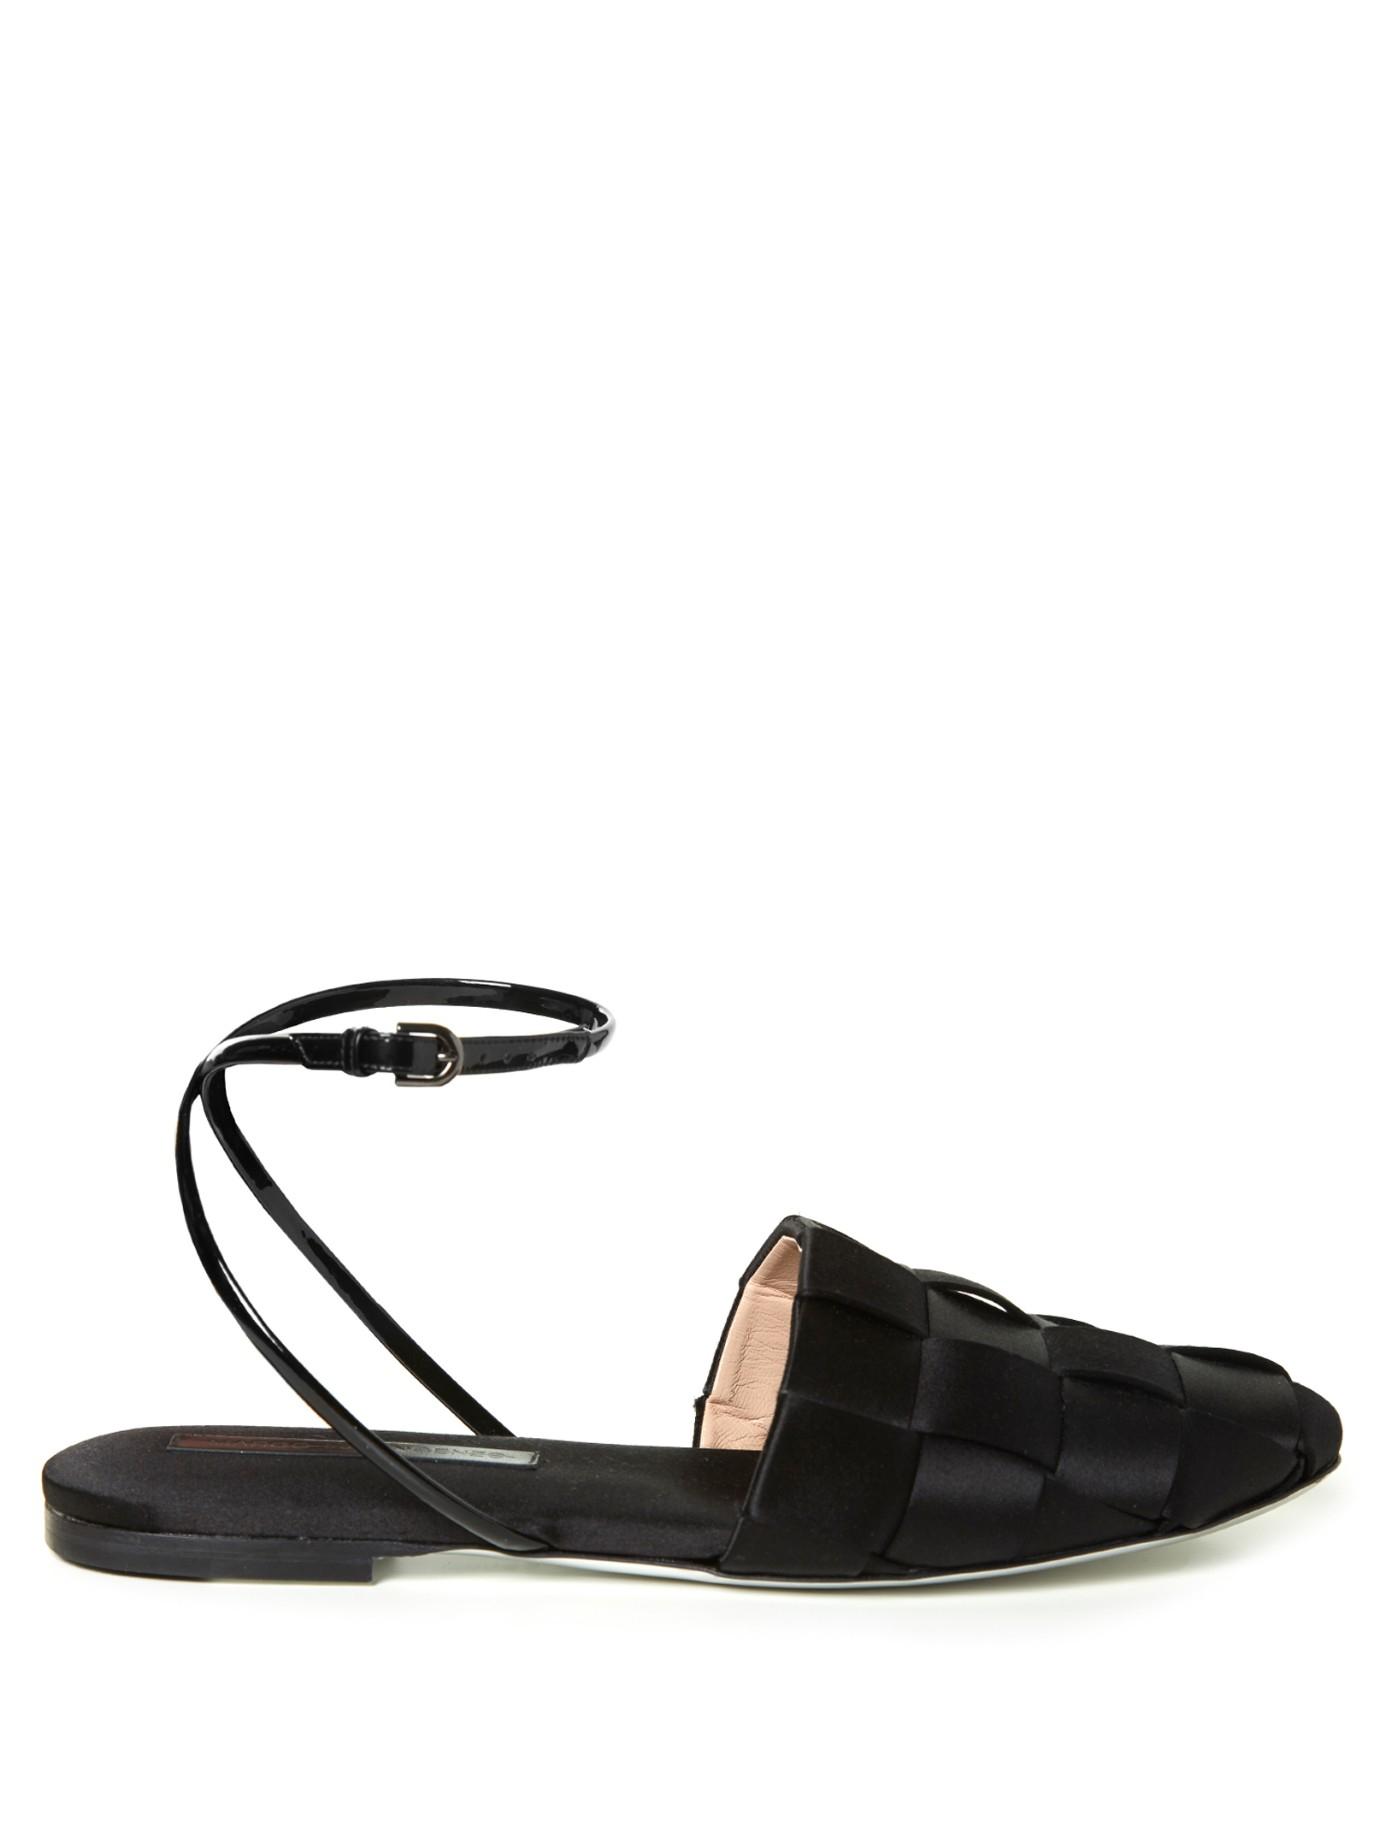 Marco De Vincenzo Shoes Sale